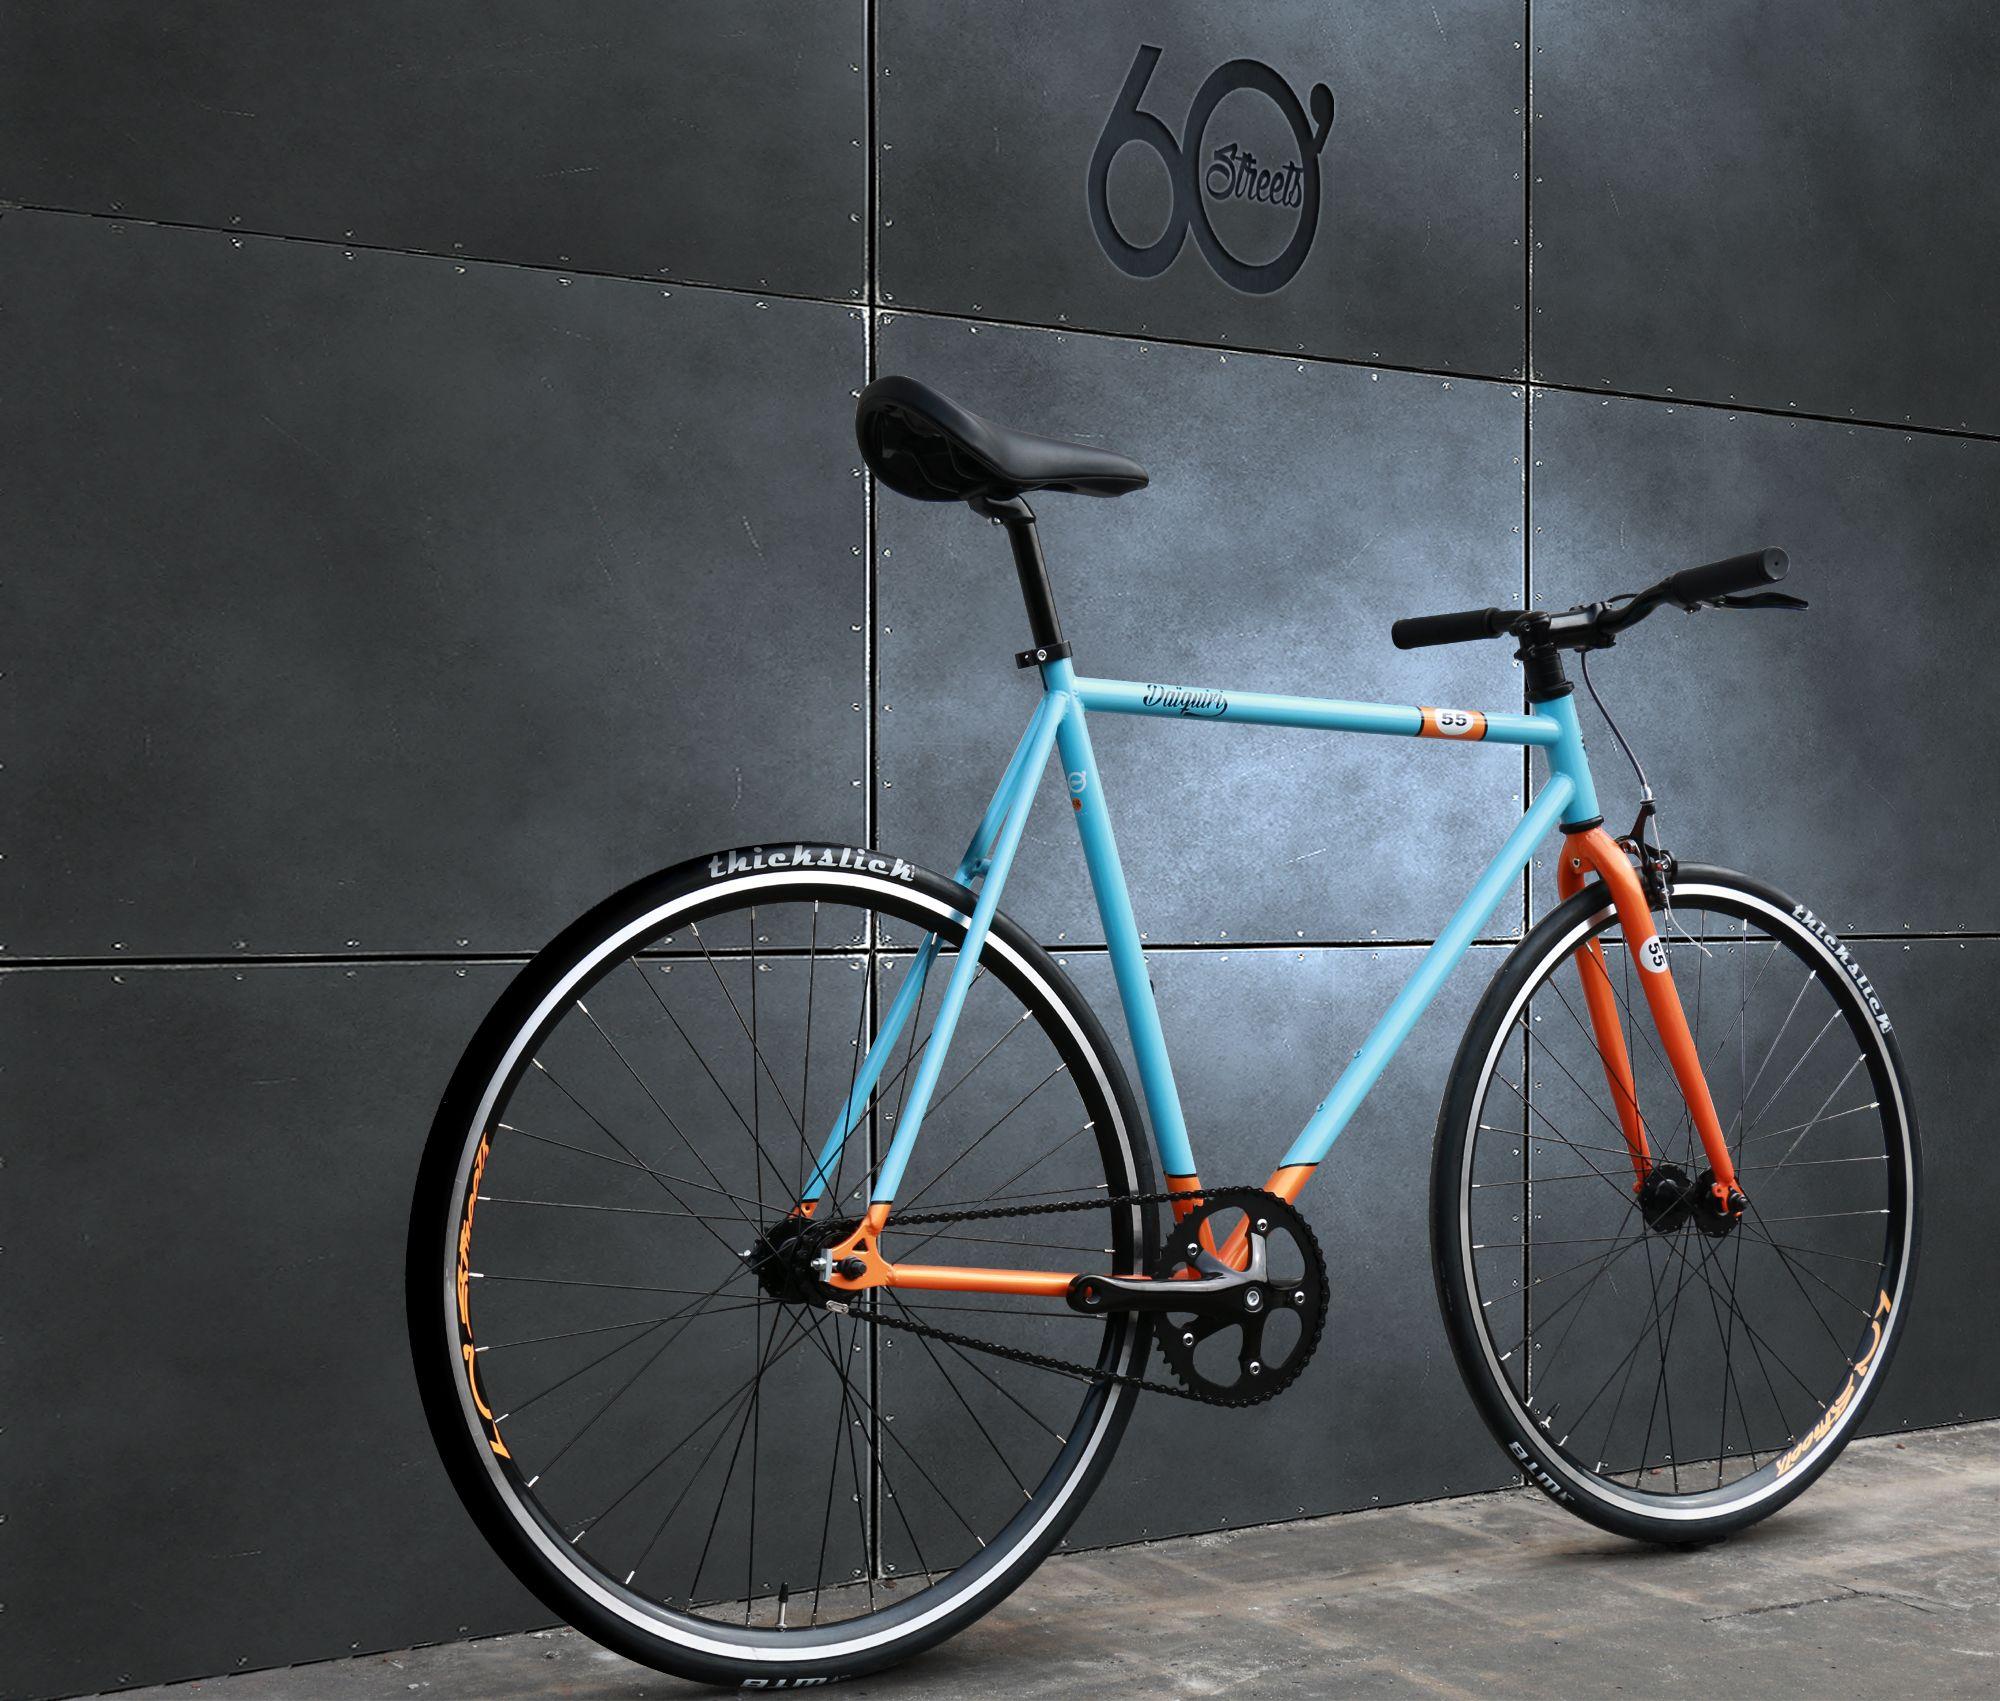 8b5758db4 700c Daiquiri Limited Edit GULF Fixed Gear Bike Fixie Single Speed ...